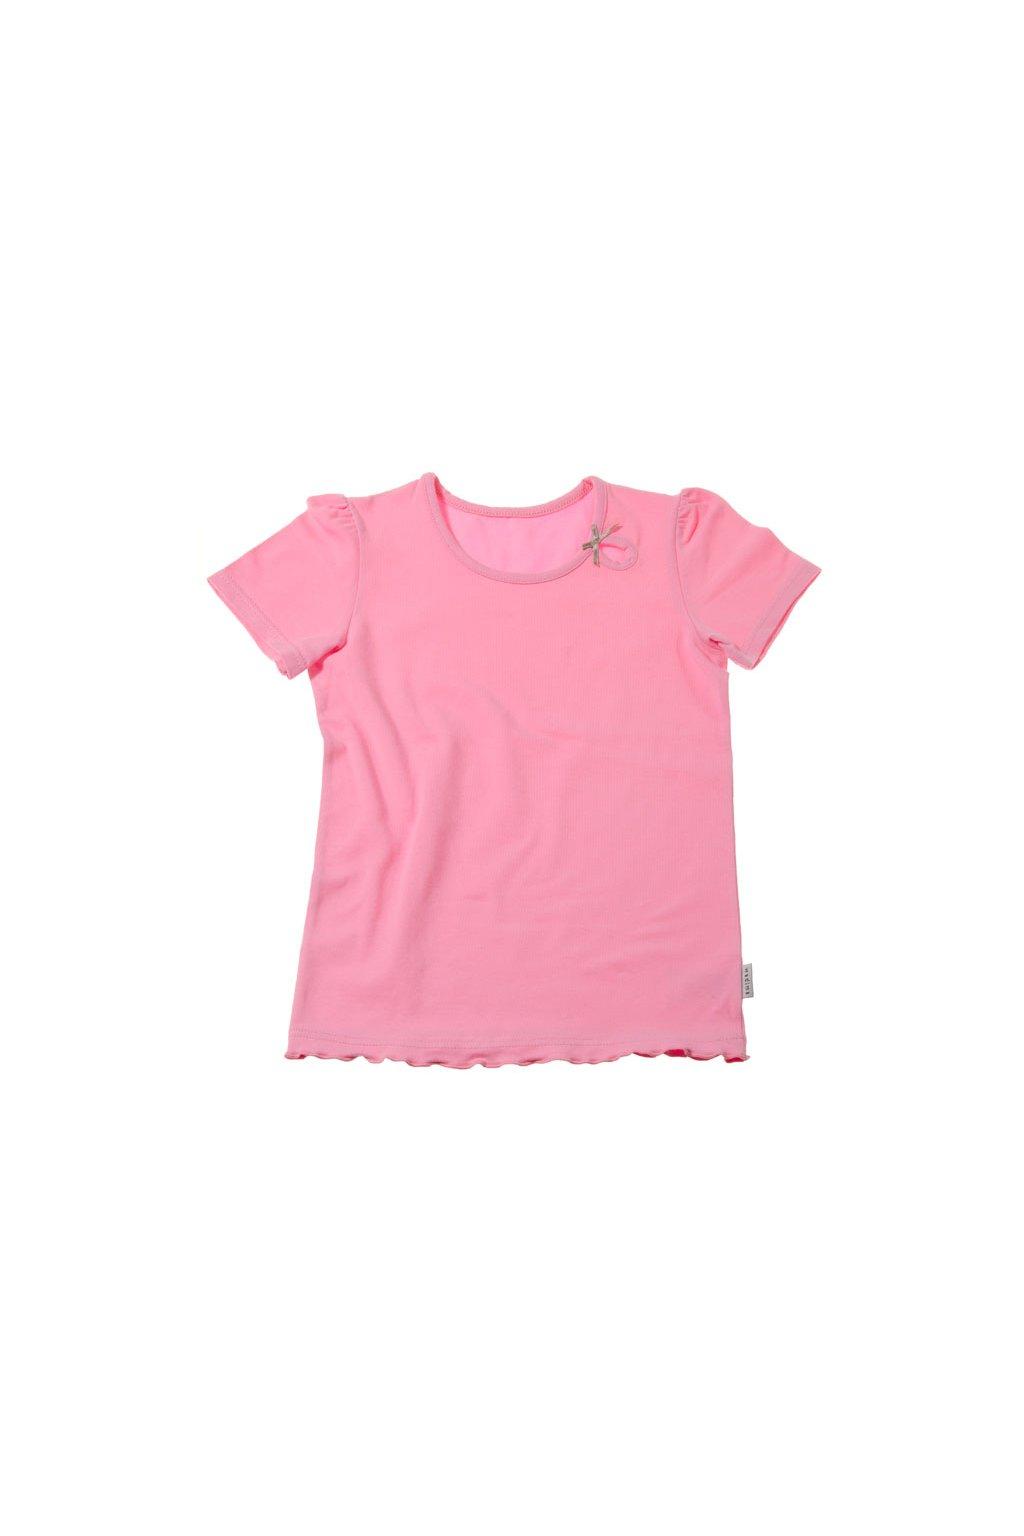 Dívčí košilka s krátkým rukávem, 40230 149, růžová